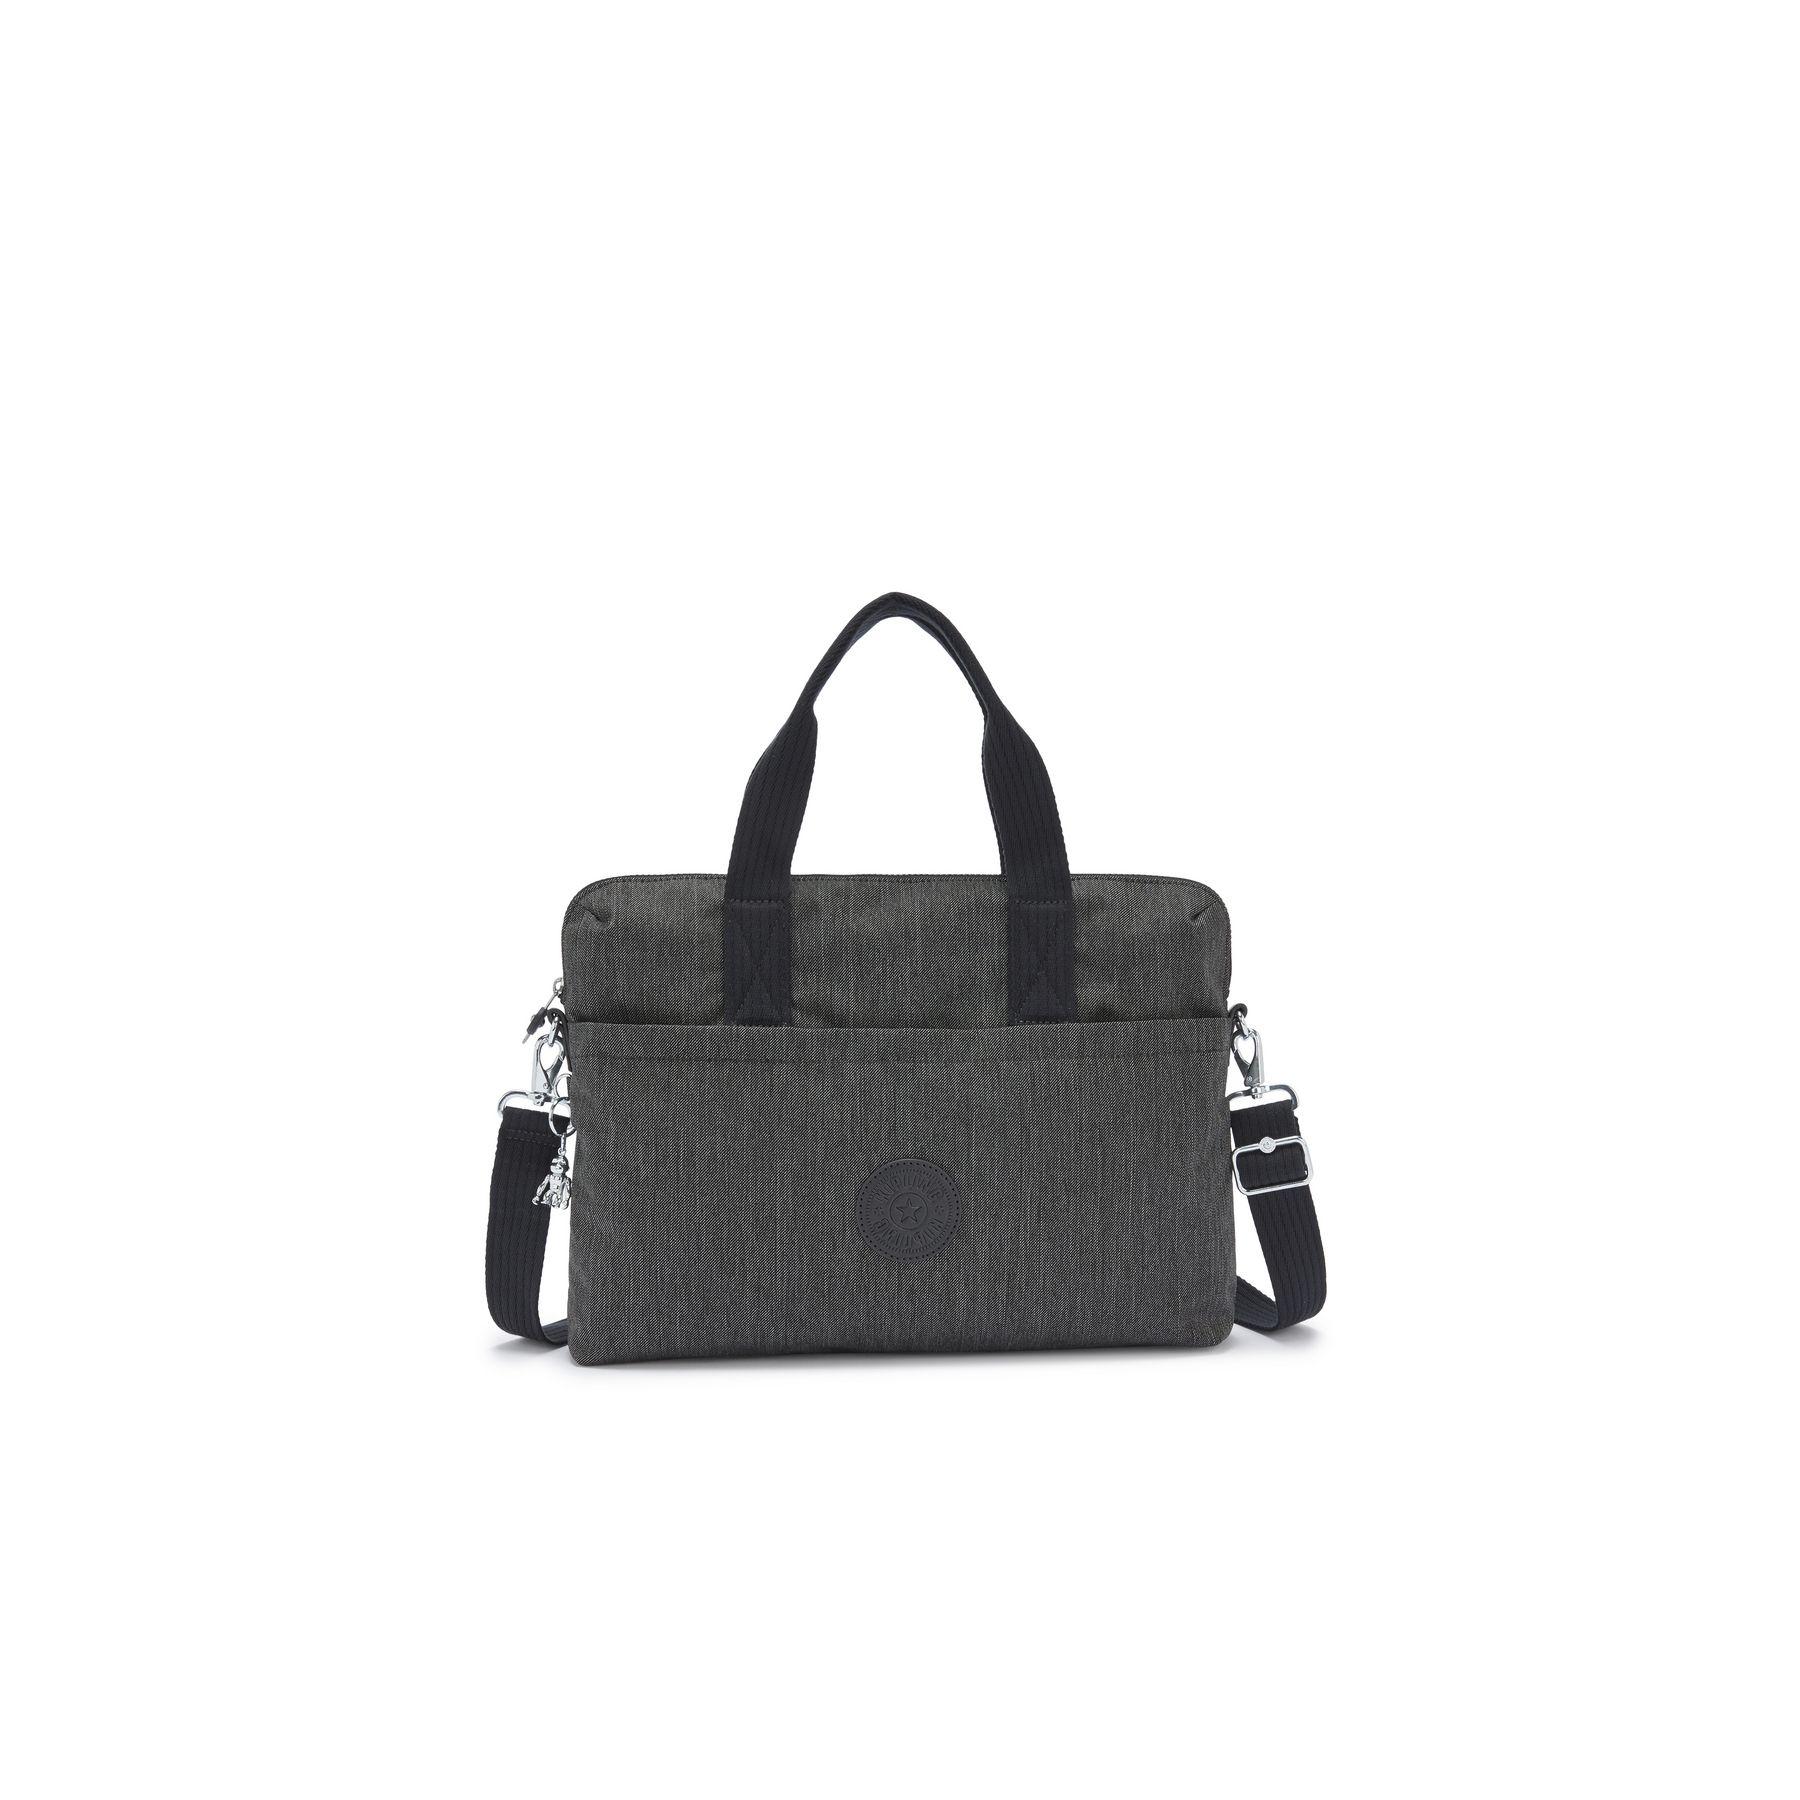 ELSIL Working Bags by Kipling